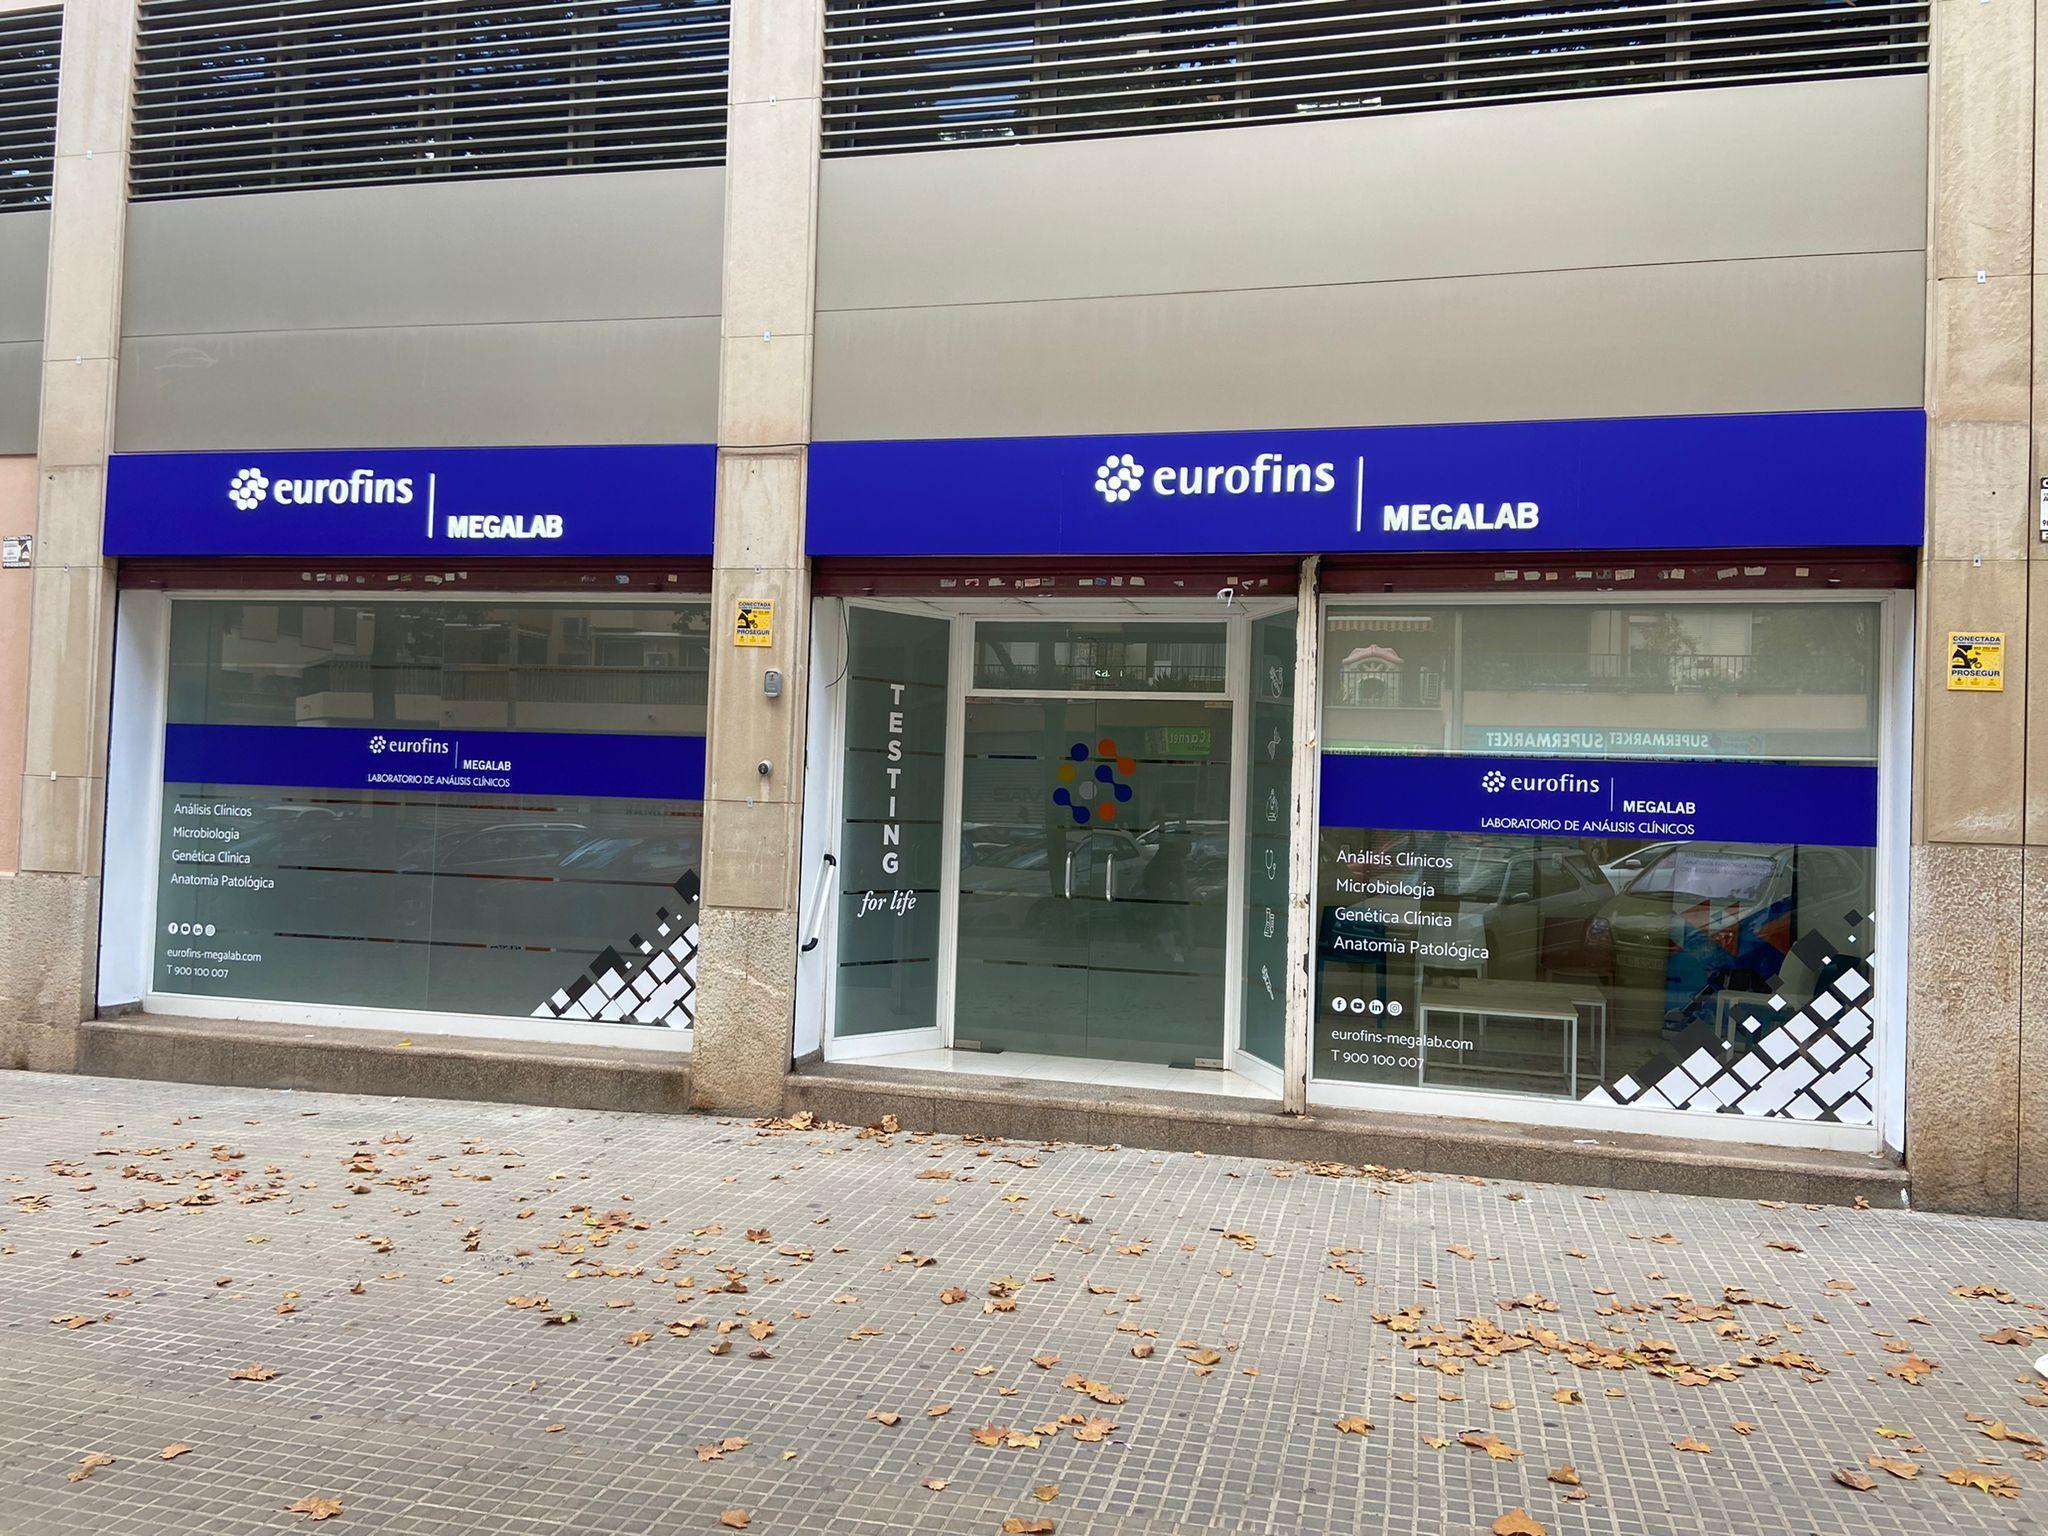 Eurofins Megalab inaugura un laboratorio en Palma de Mallorca reforzando su red de laboratorios en Baleares